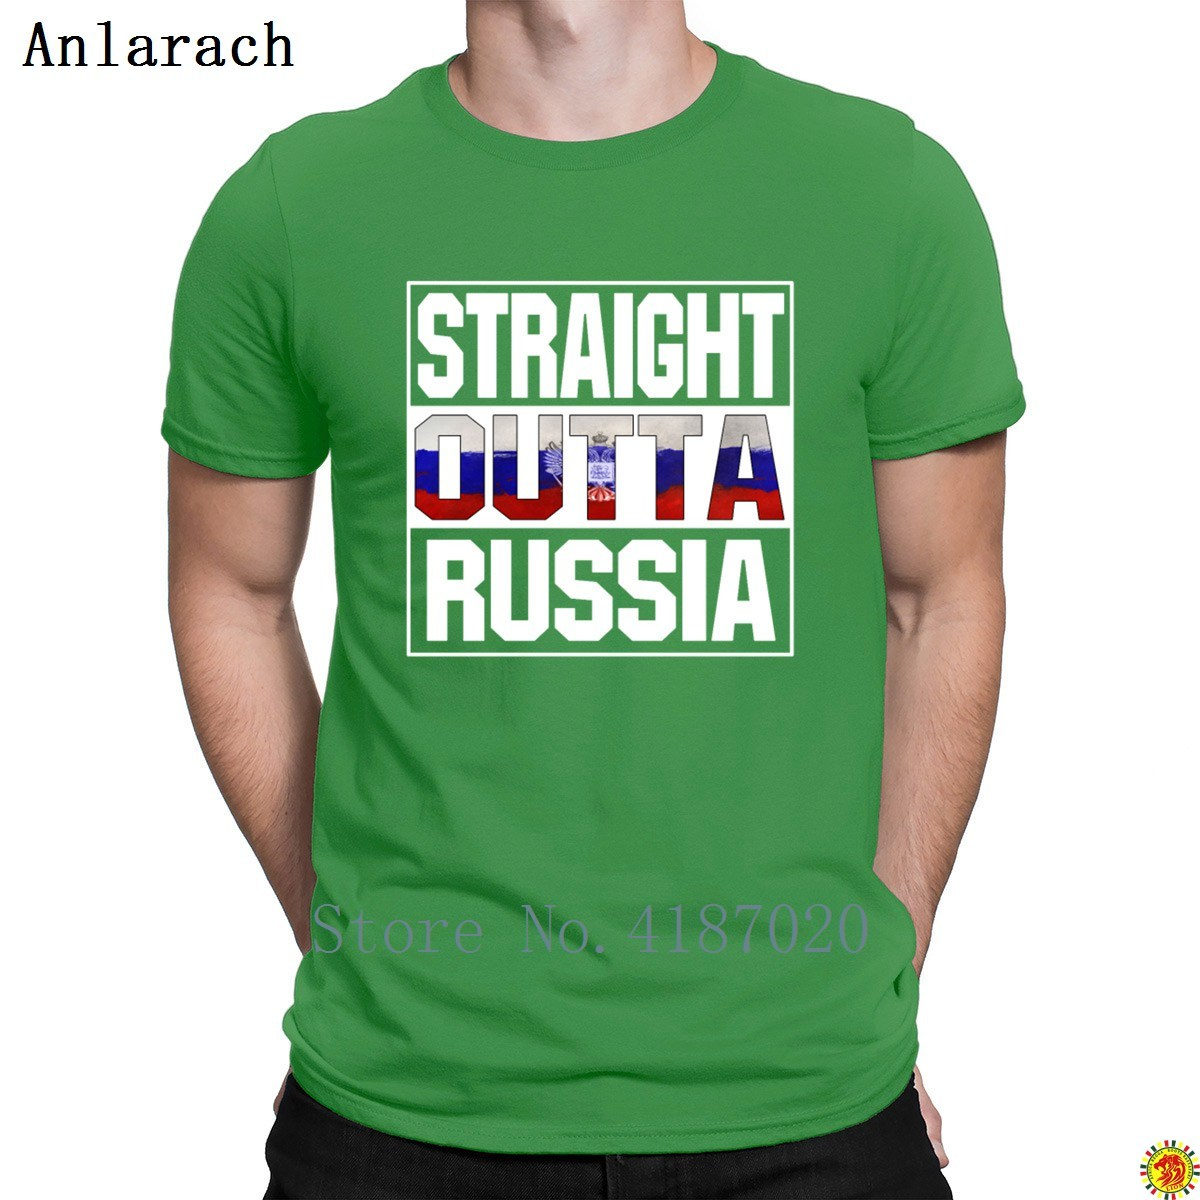 Düz Outta Rusya Lover Tişört Hediye Eğilim 2018 En İyi erkek Tshirt Pamuk Tasarımcı Eğlenceli Anlarach HipHop